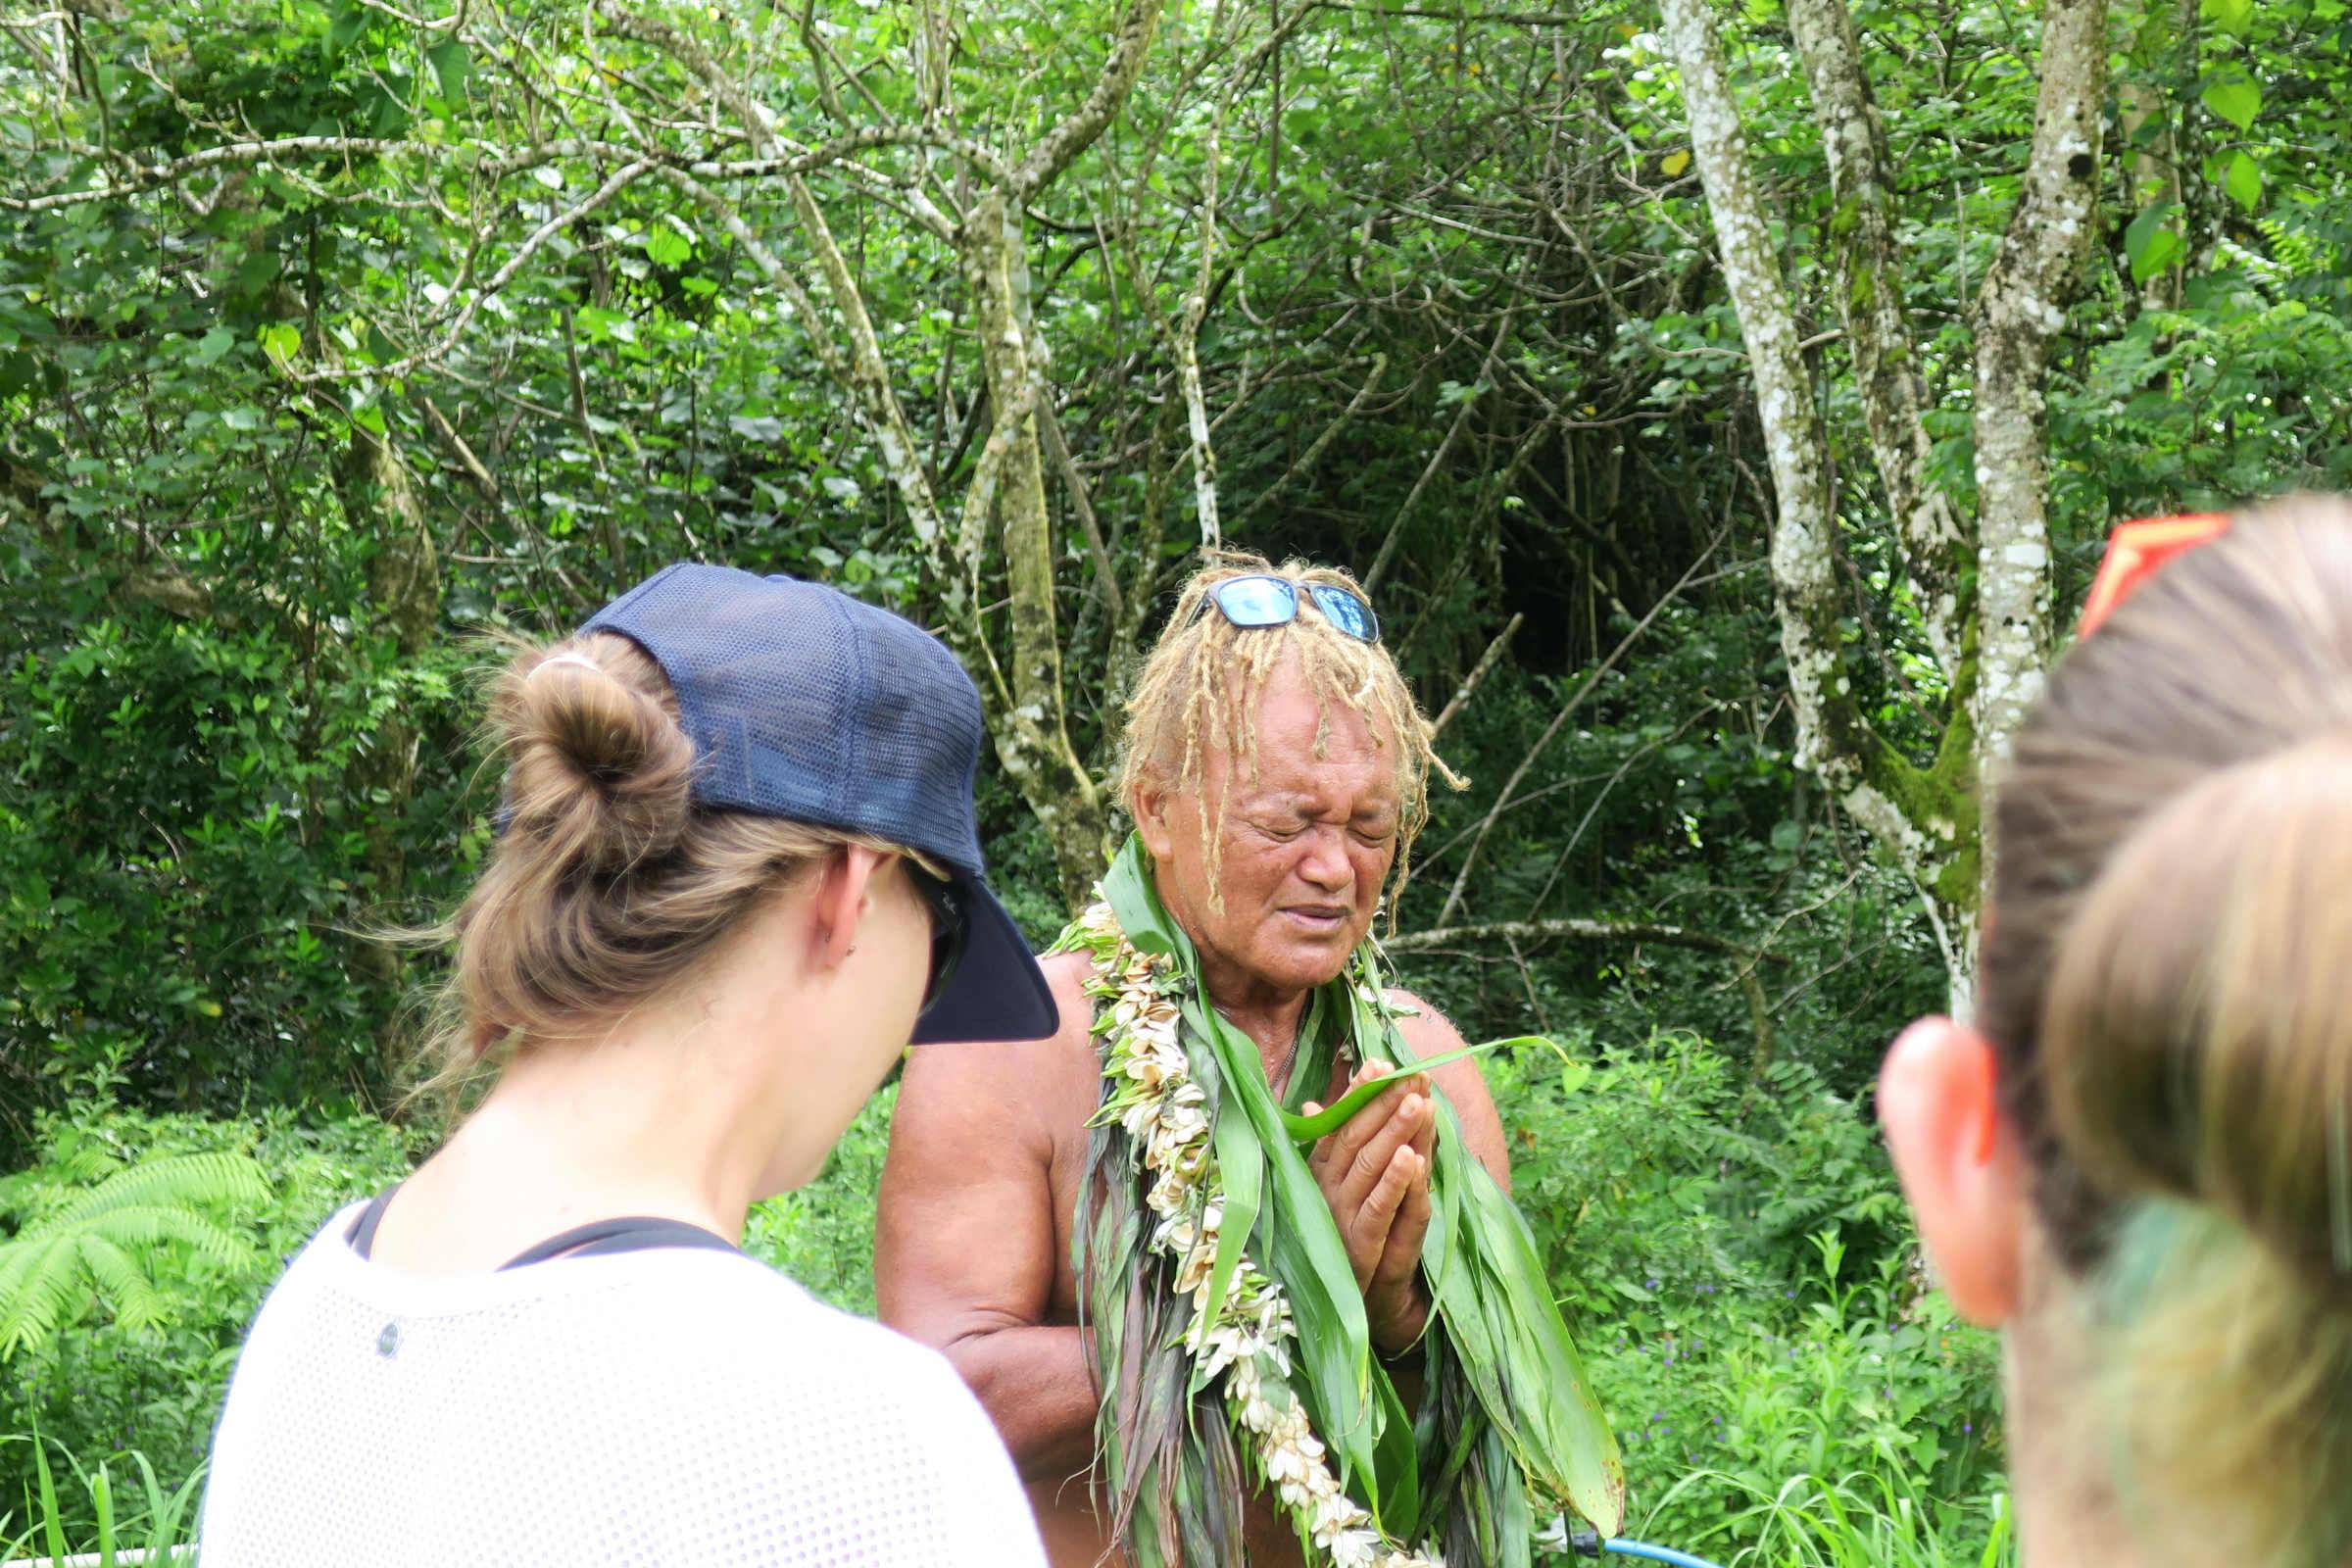 cross island trek prayer for safe journey